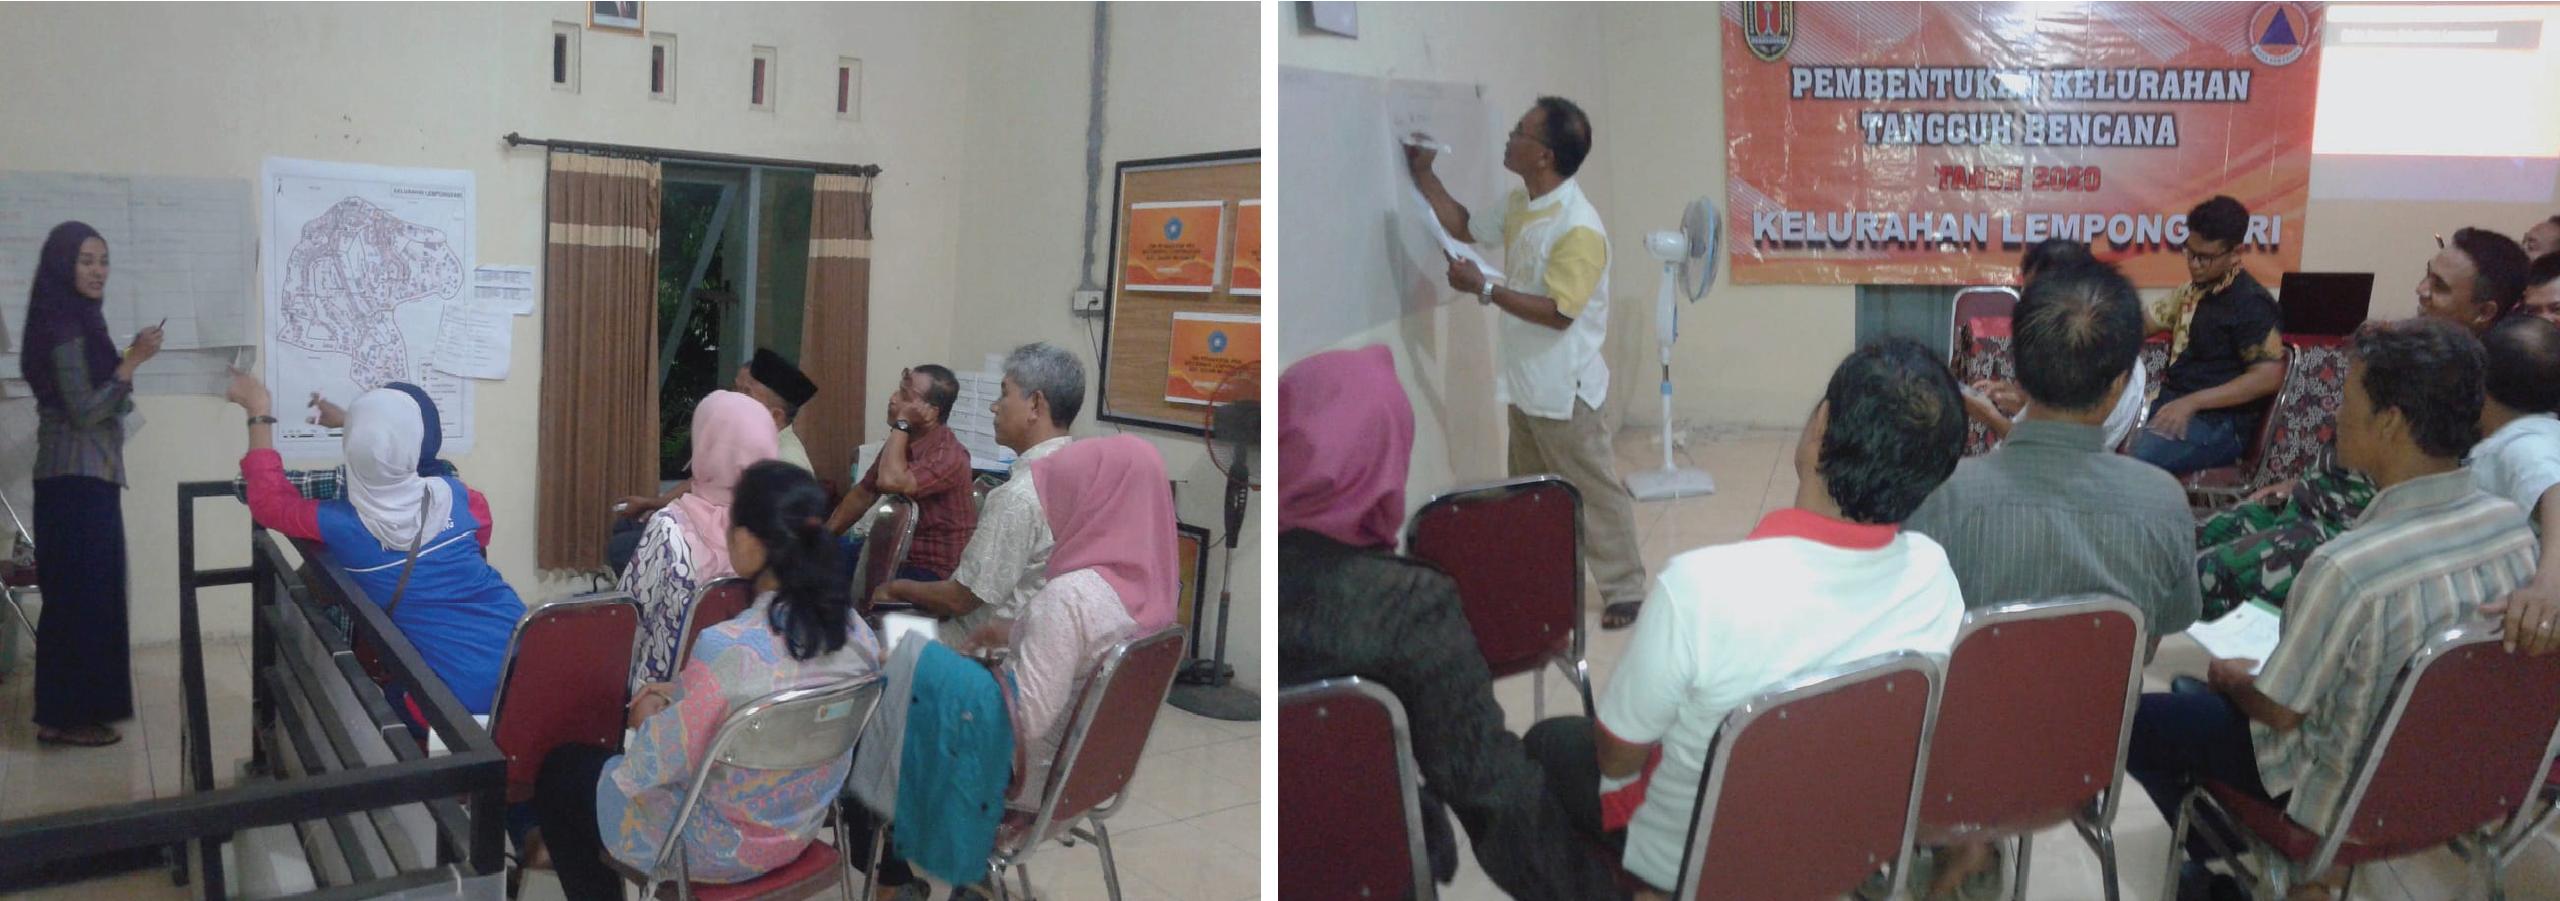 Pembentukan Kelurahan Tangguh Bencana (Katana) Lempongsari sebagai Upaya untuk Mewujudkan Kota Semarang yang Tangguh Bencana